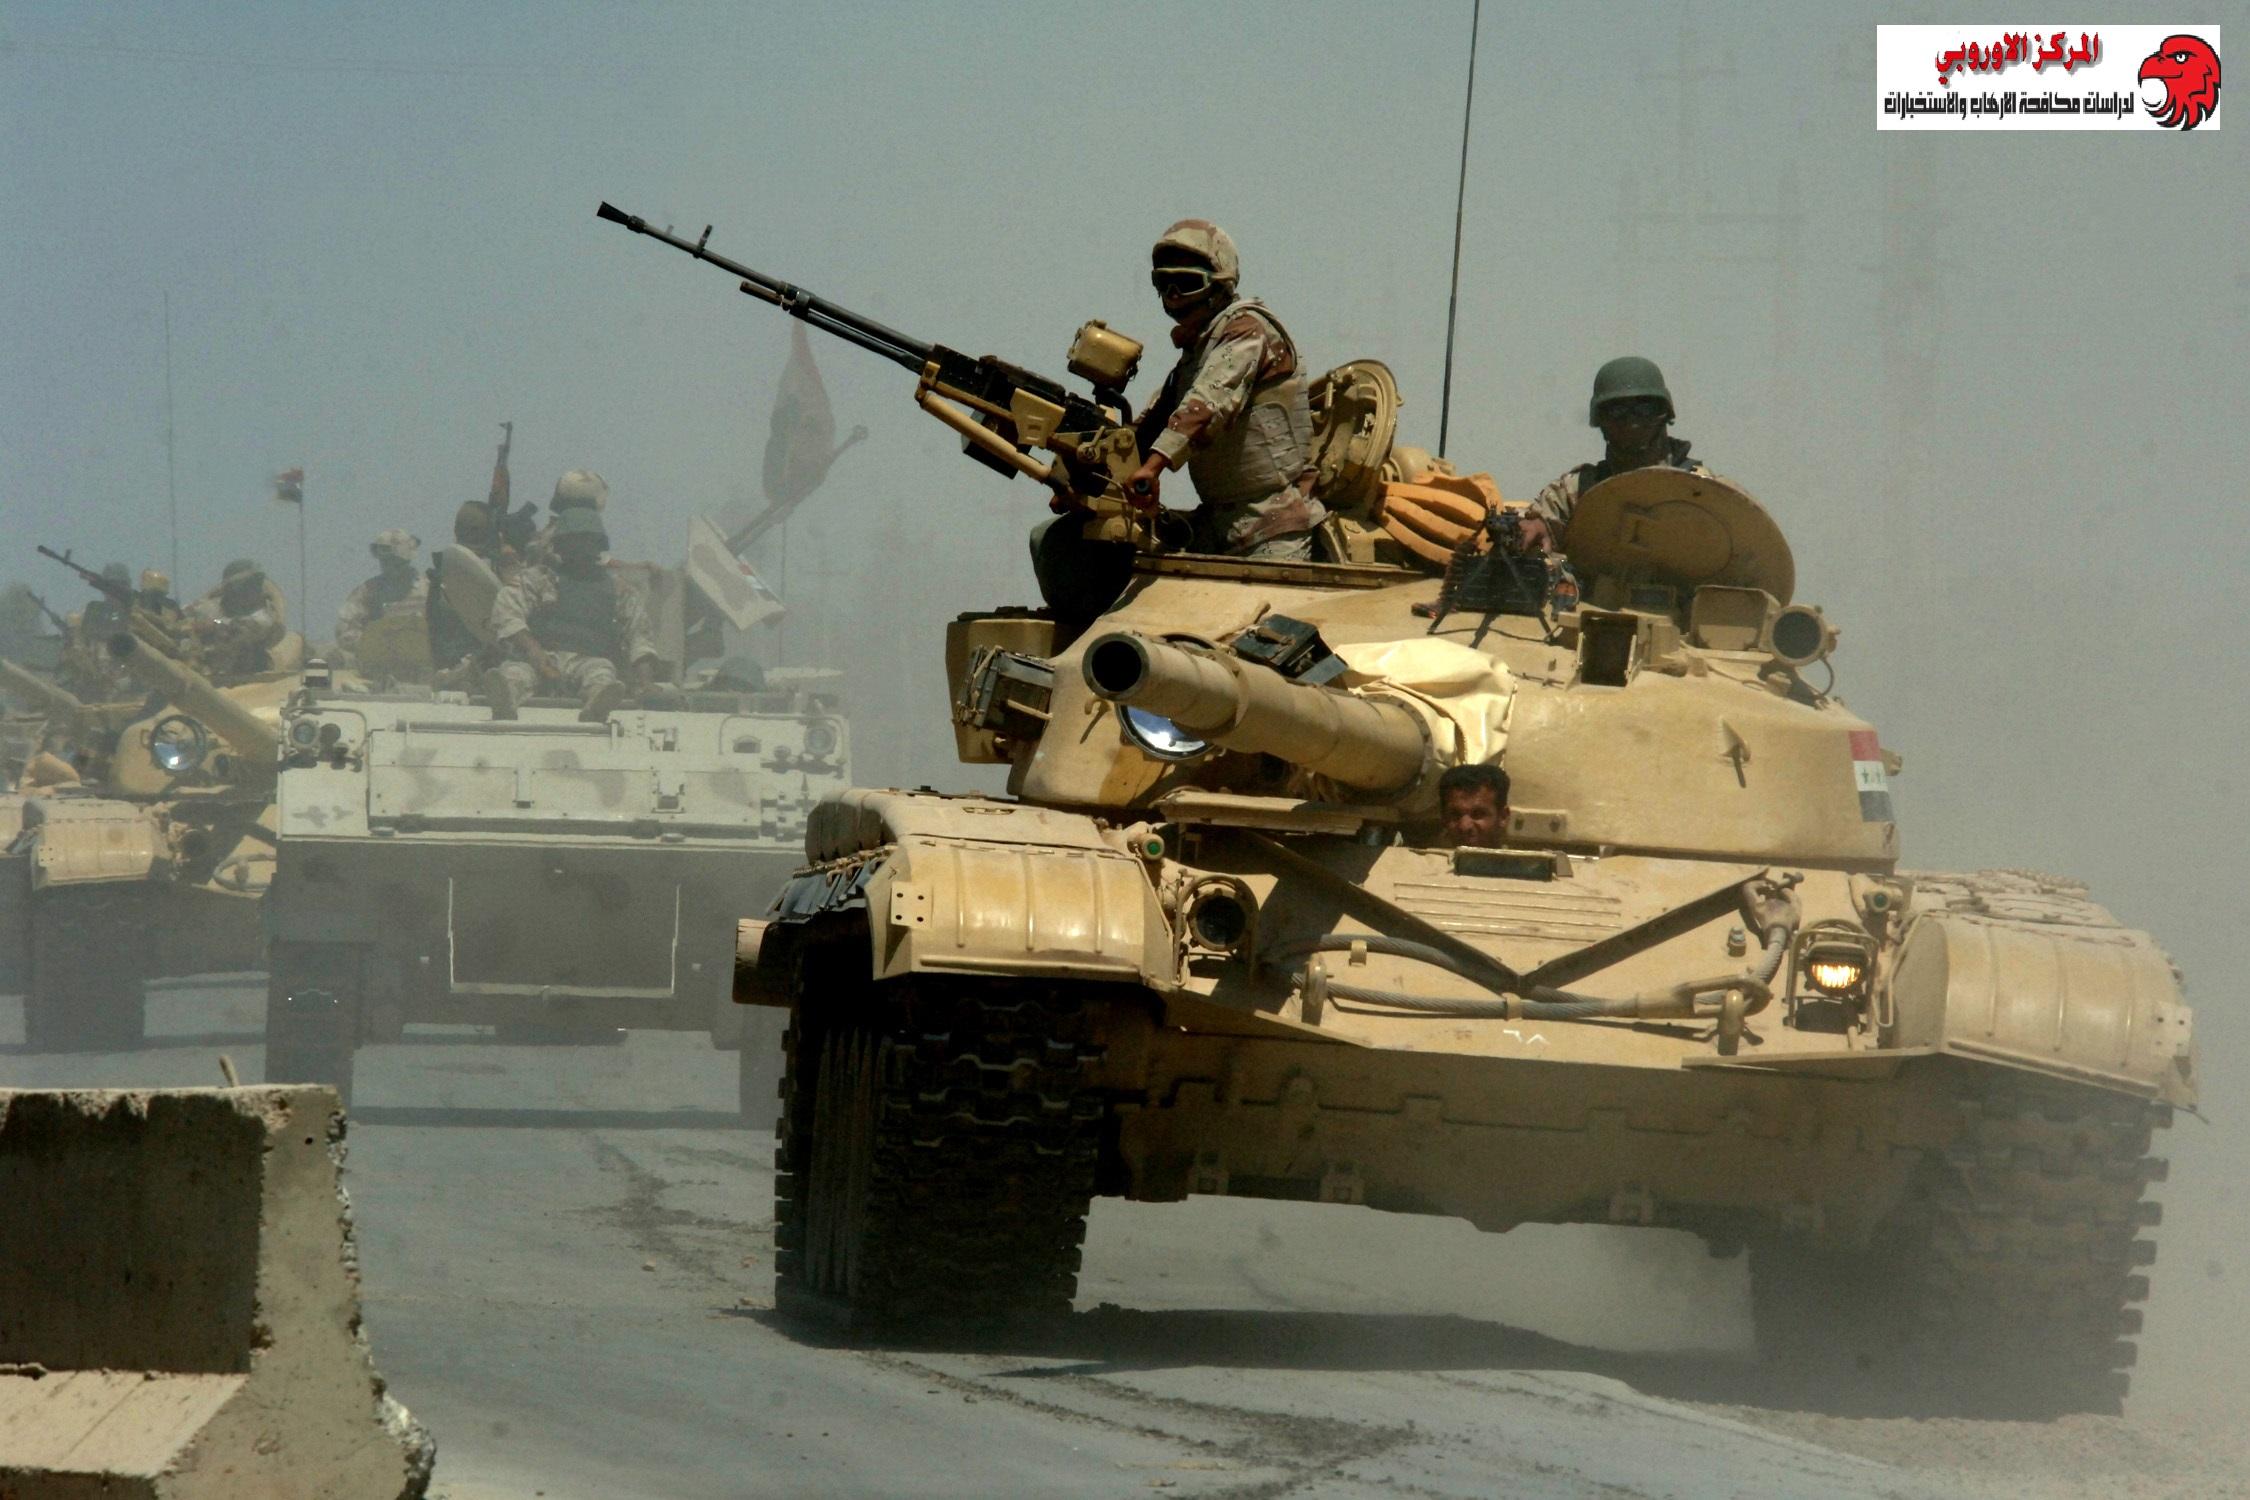 مساحة الدفاع ما بعد المعركة. بقلم هشام العلي